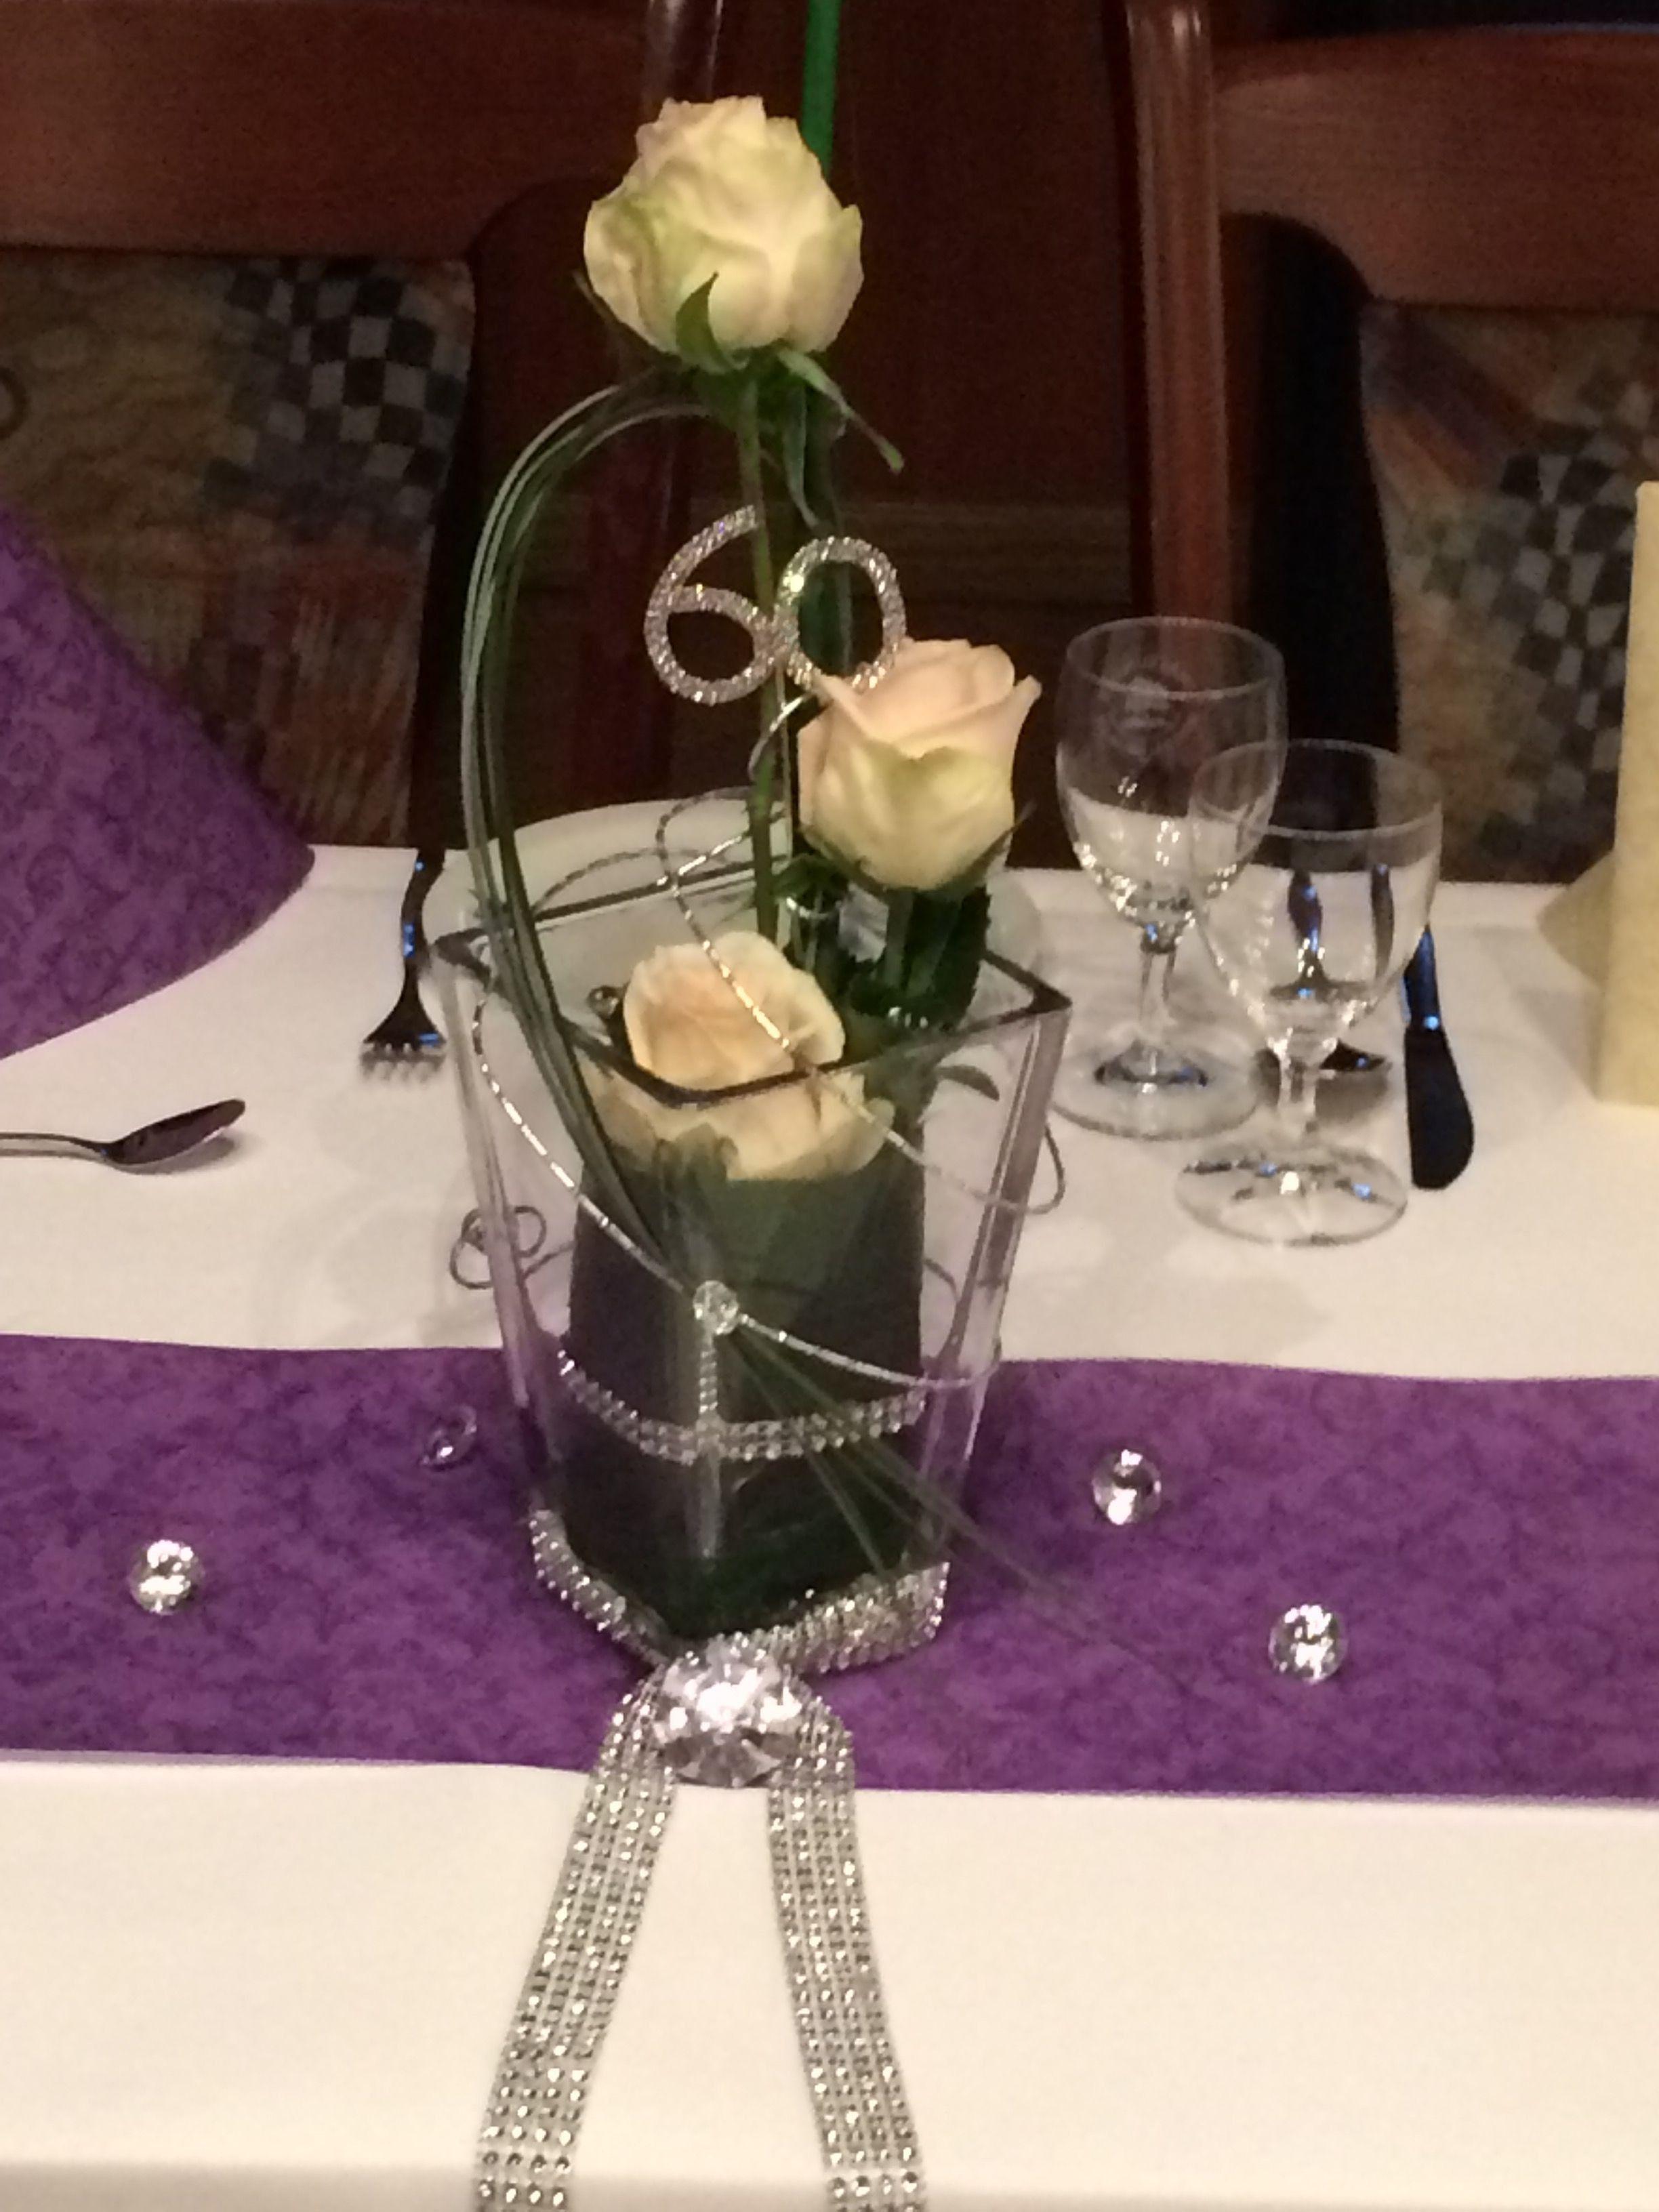 Deko Diamantene Hochzeit Lovely Tischdeko Diamantene Hochzeit In 2020 Diamantene Hochzeit Dekoration Hochzeit Hochzeit Pinterest